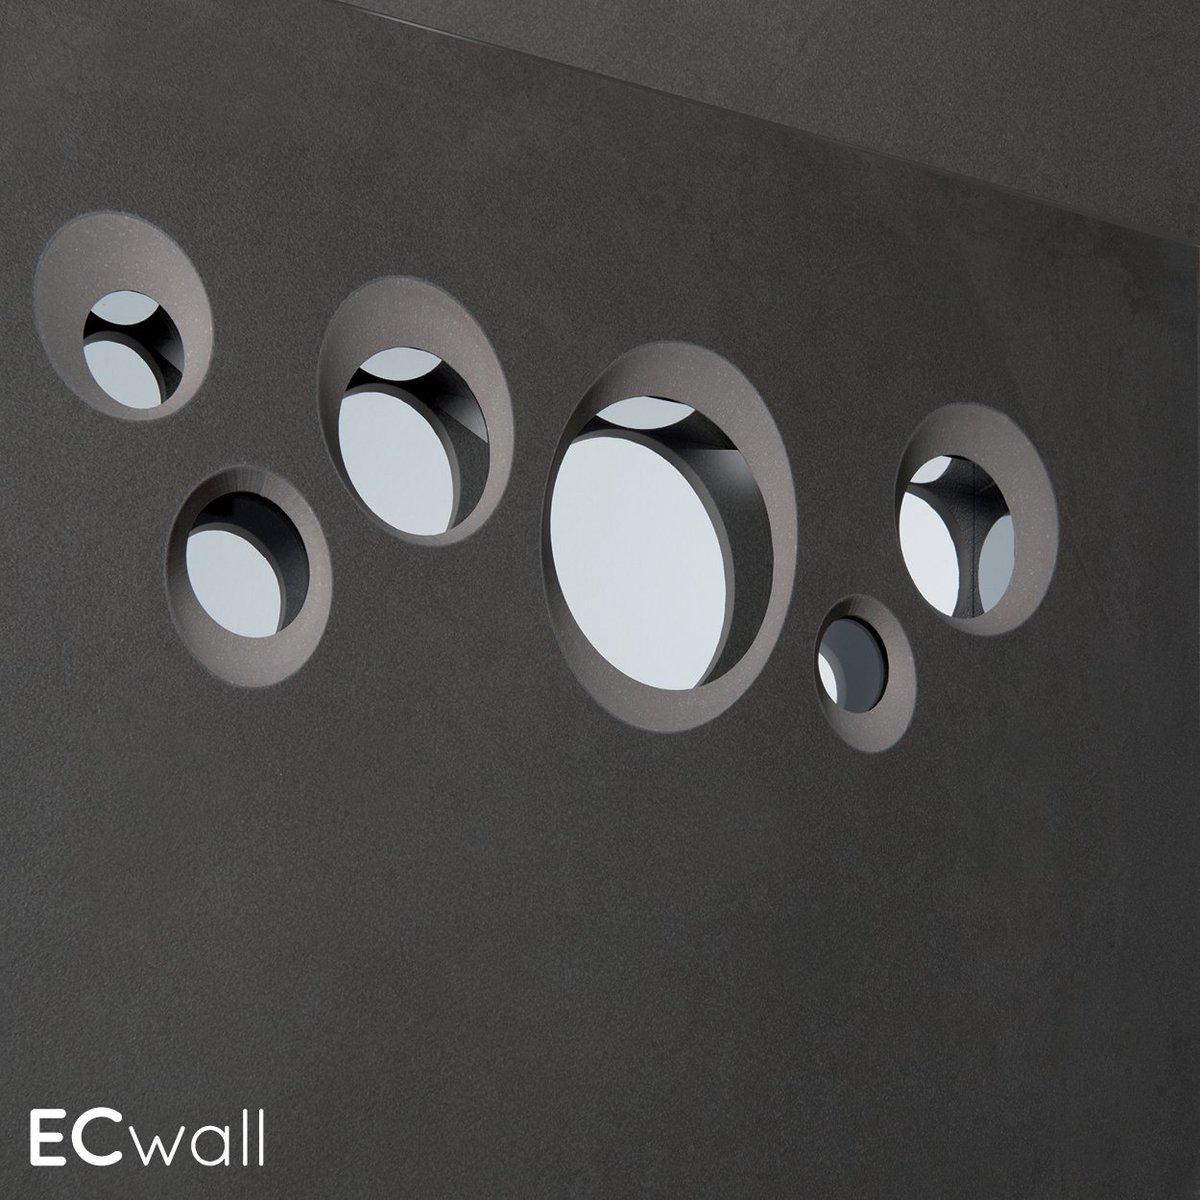 emilgroup emil group twitter. Black Bedroom Furniture Sets. Home Design Ideas